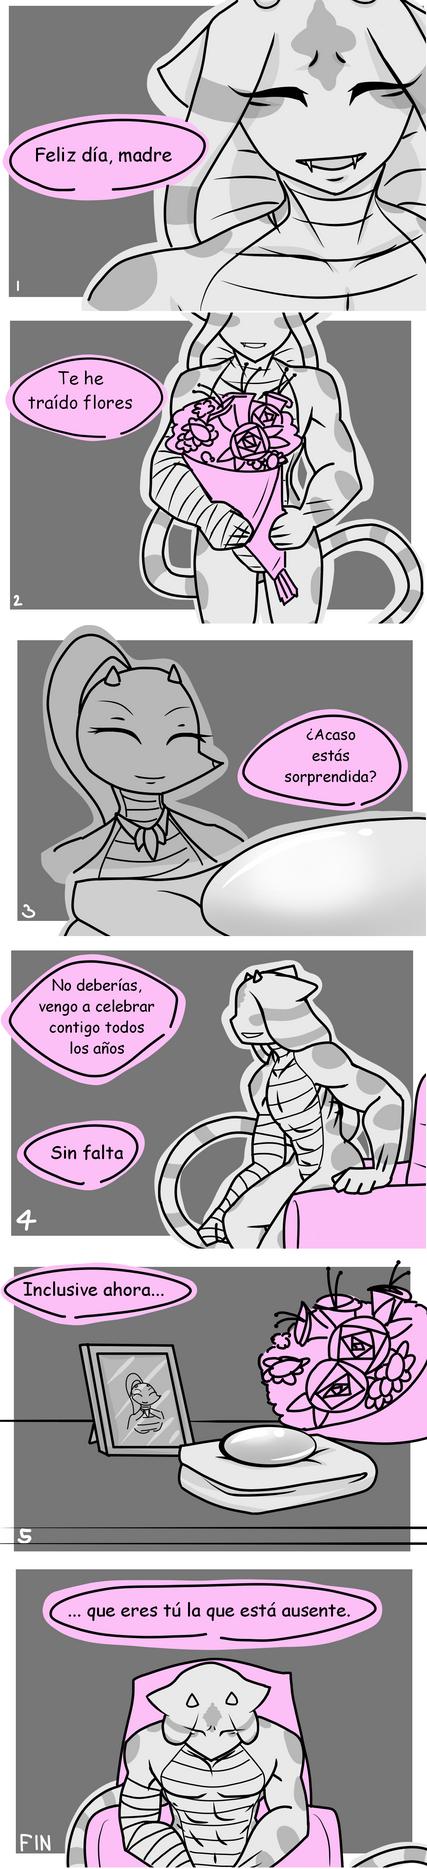 Dia de la madre -comic by AstoriaManson